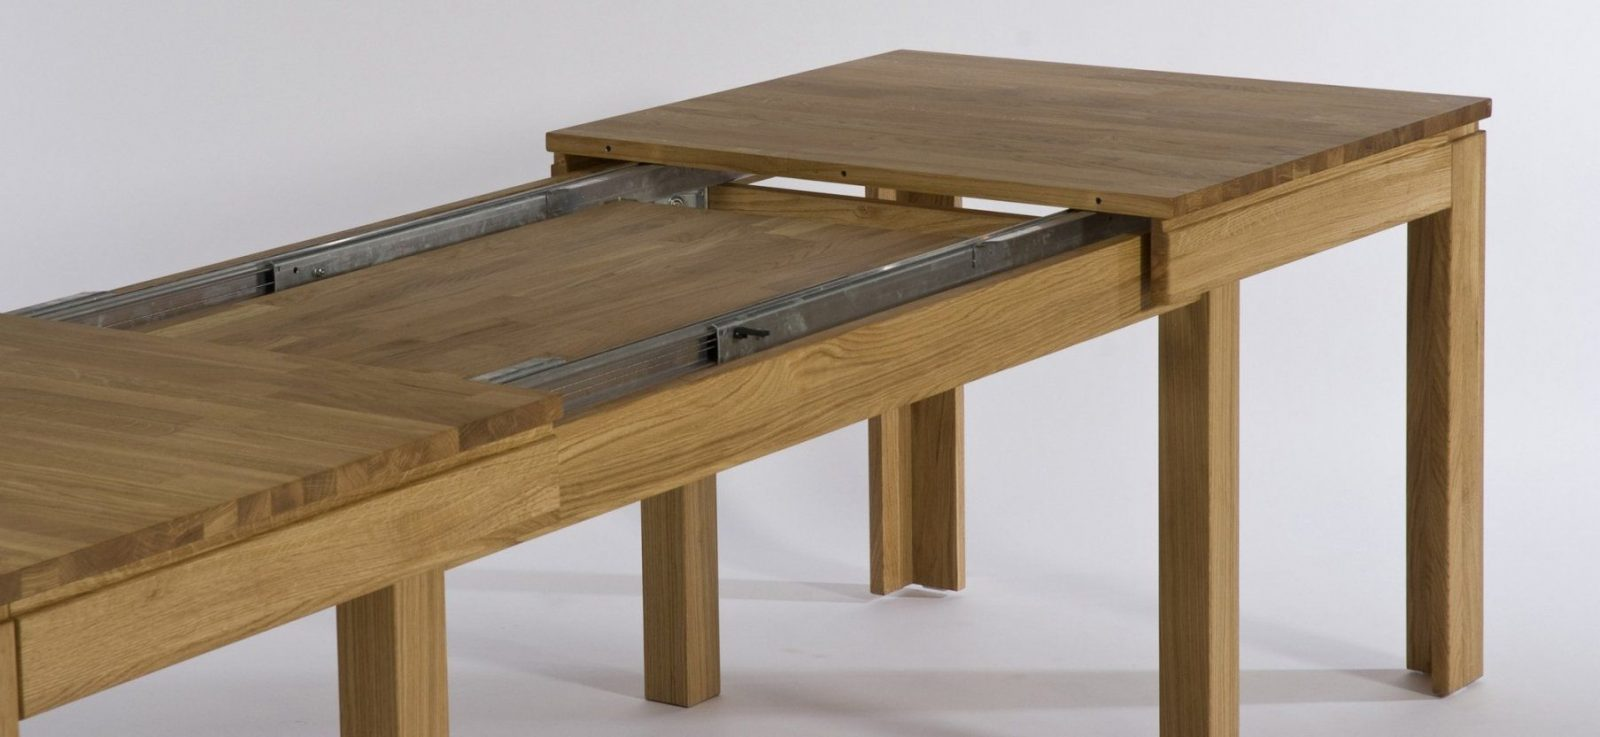 Ausziehbarer Esstisch Holz Tisch Selber Bauen Ausziehbar Glas Rund von Esstisch Selber Bauen Ausziehbar Bild